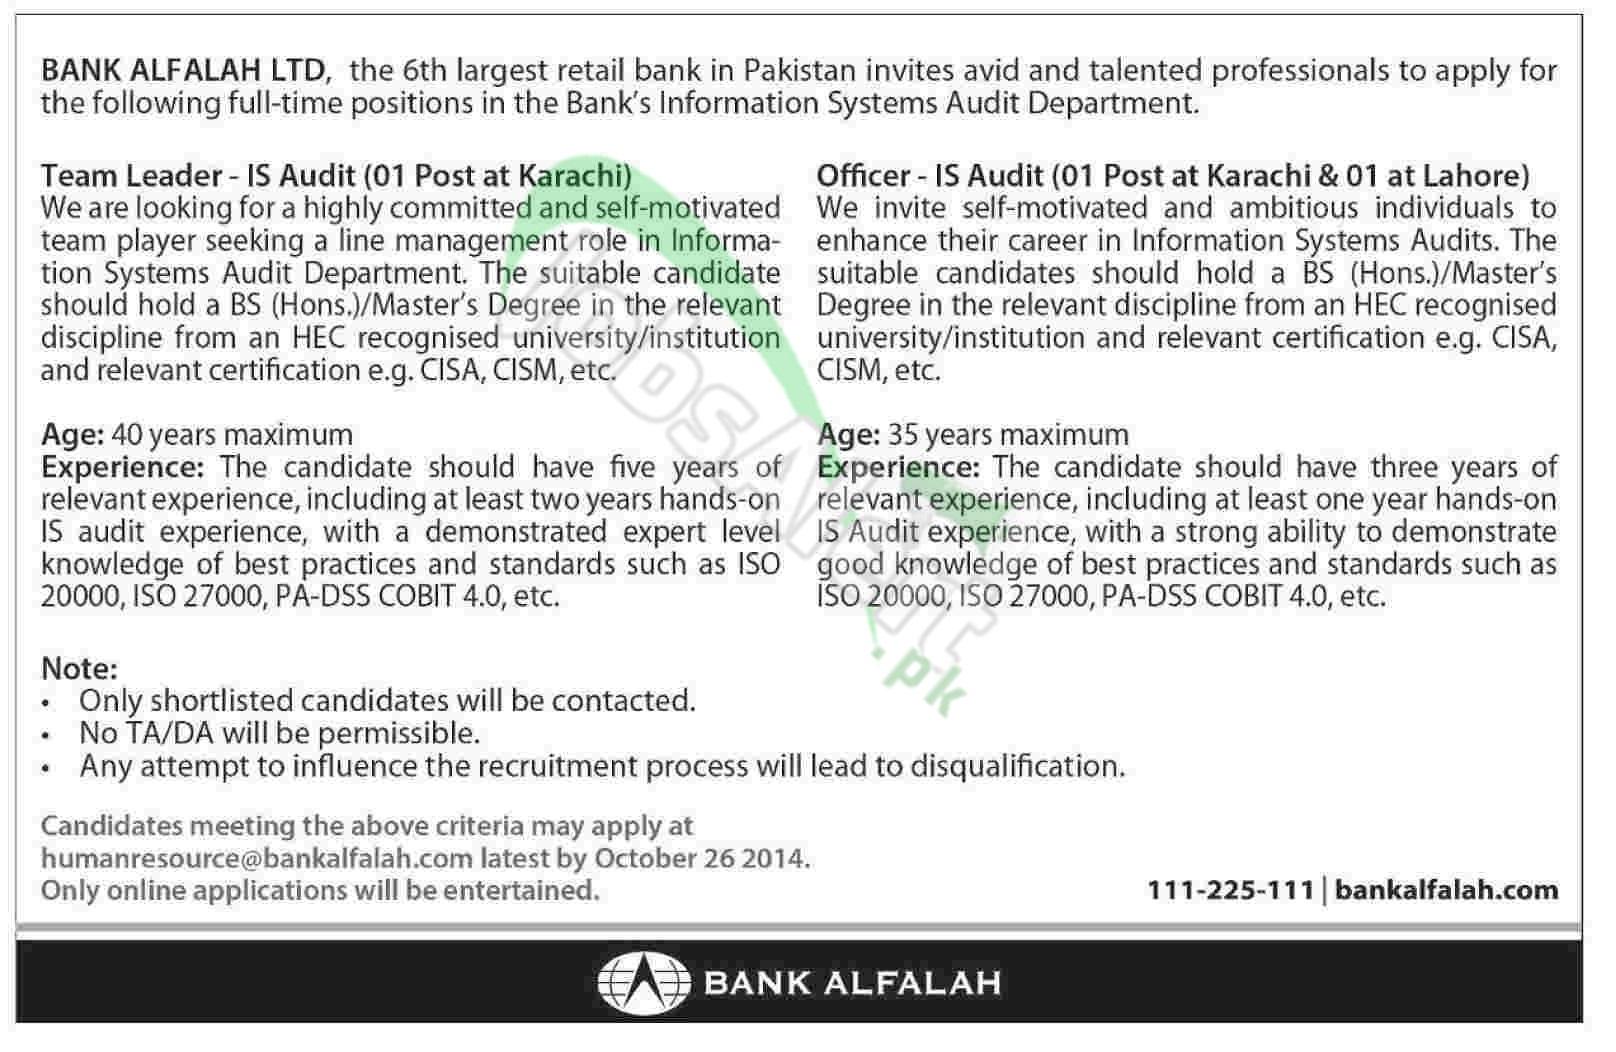 Bank Alfalah Ltd